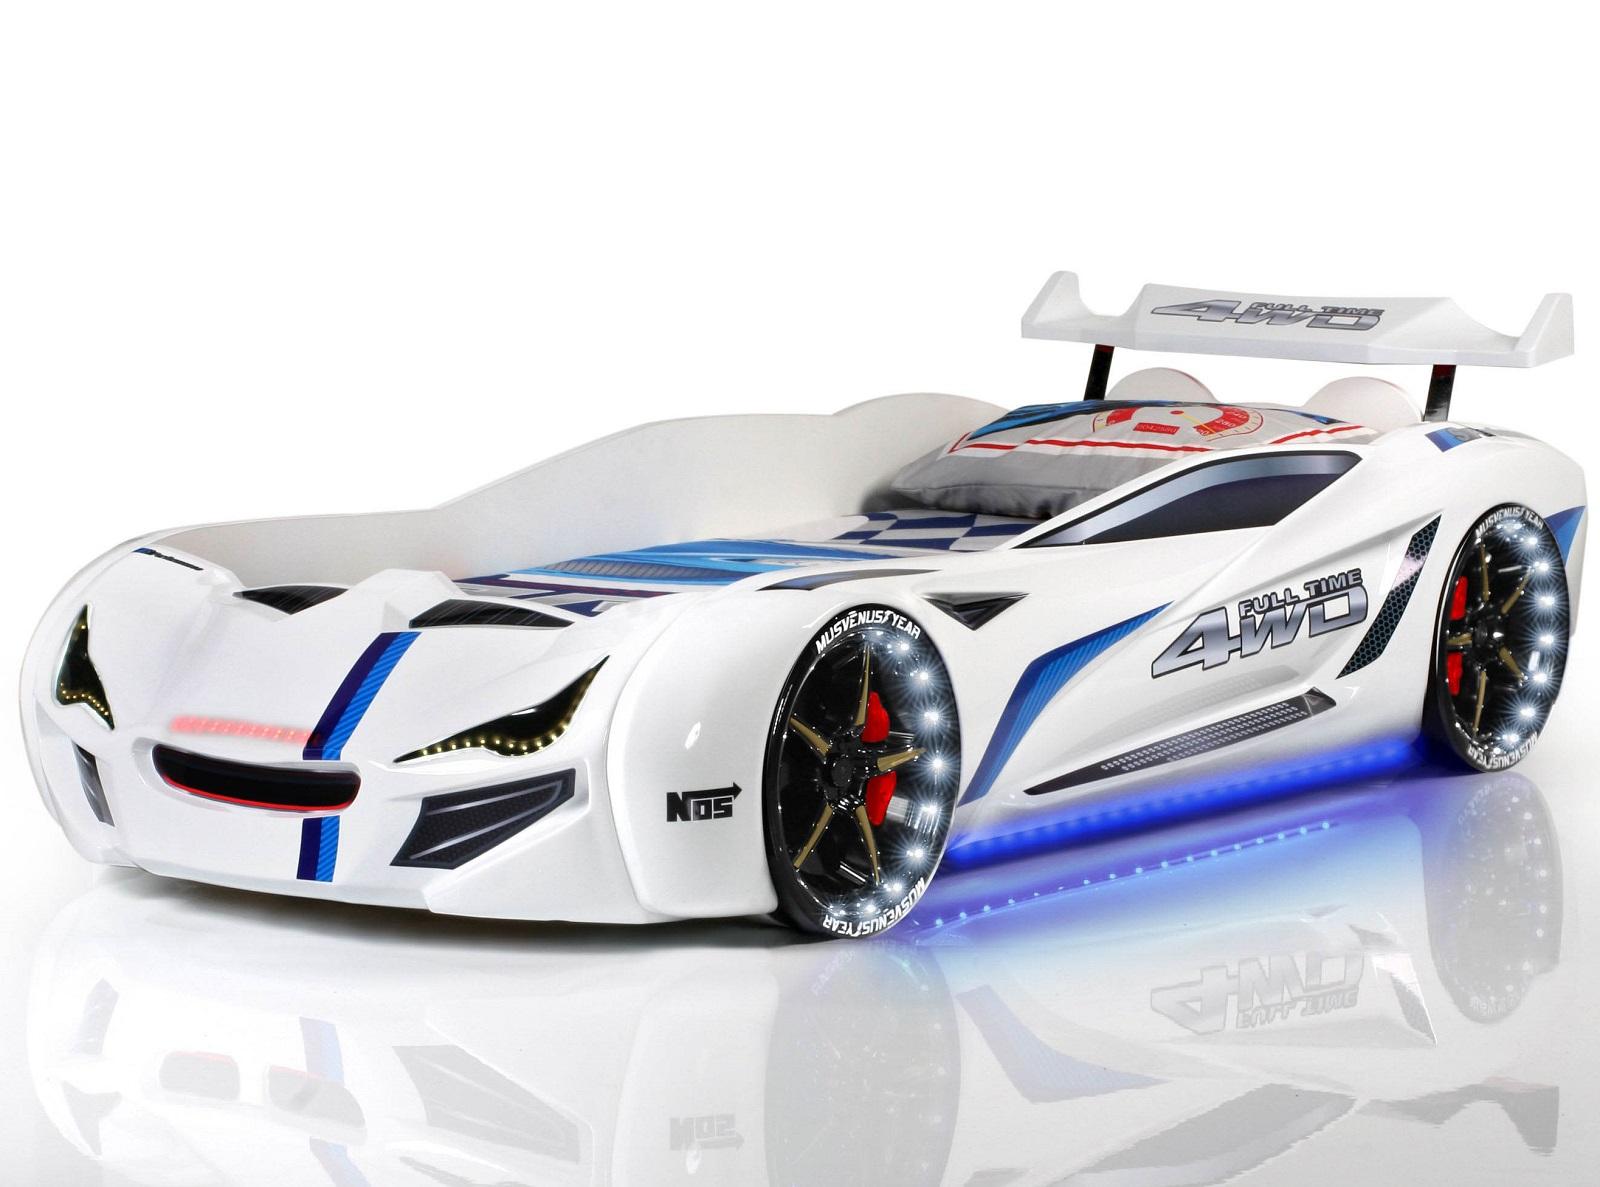 bil seng Speedy Spoiler 4WD Bilseng med LED Lys og Lydpakke, Hvid Kr. 5.499  bil seng